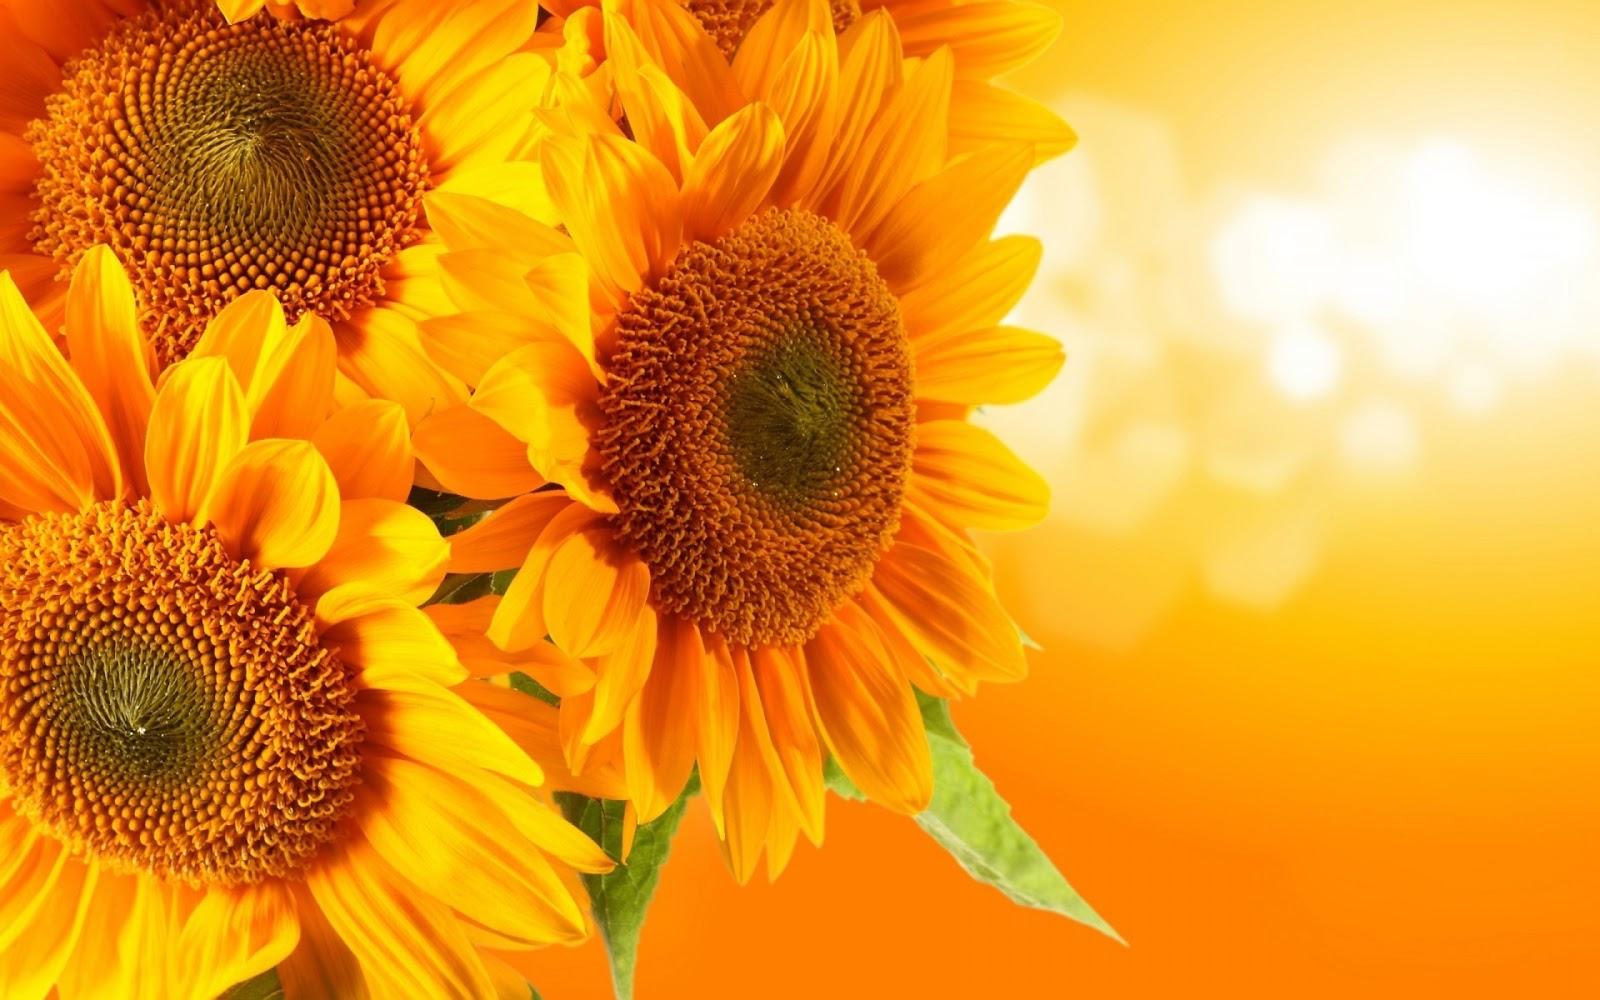 trang phục chụp ảnh với hoa hướng dương